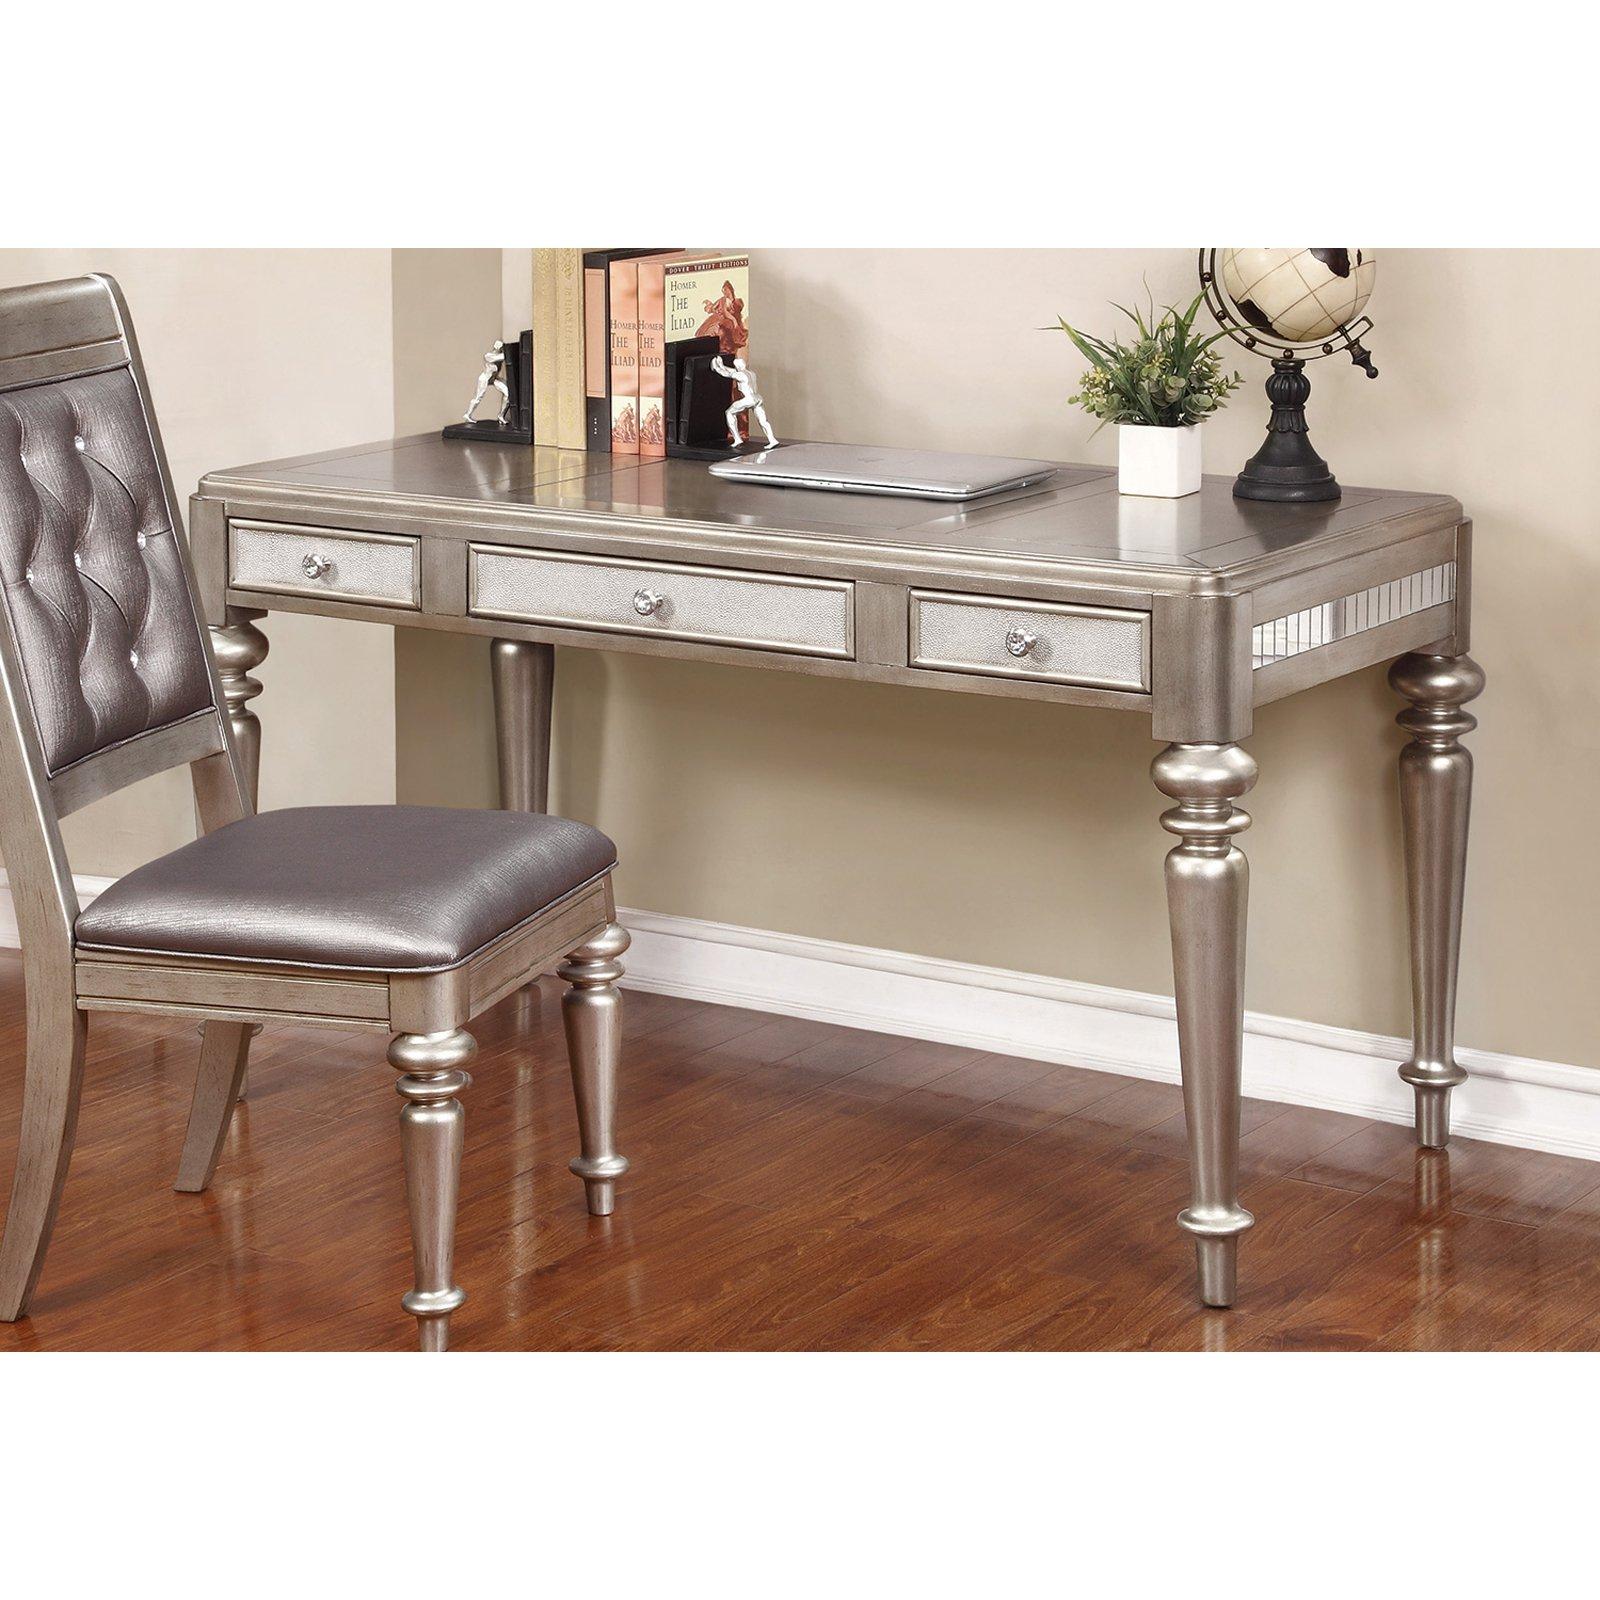 Coaster Writing Desk in Metallic Platinum